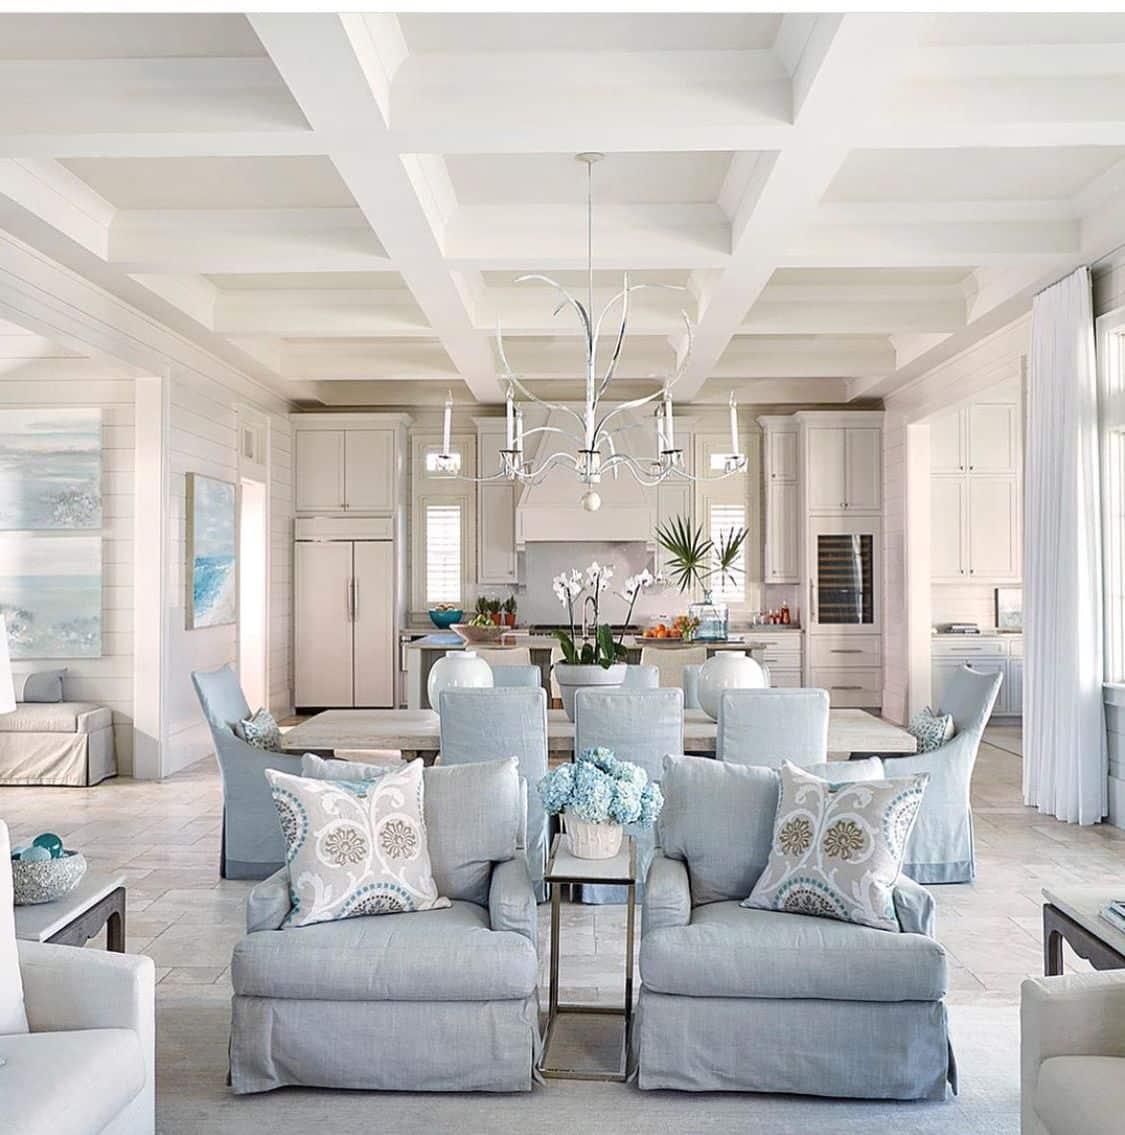 Легкий оттенок синих и голубых тонов наполняет воздухом и свежестью все помещение